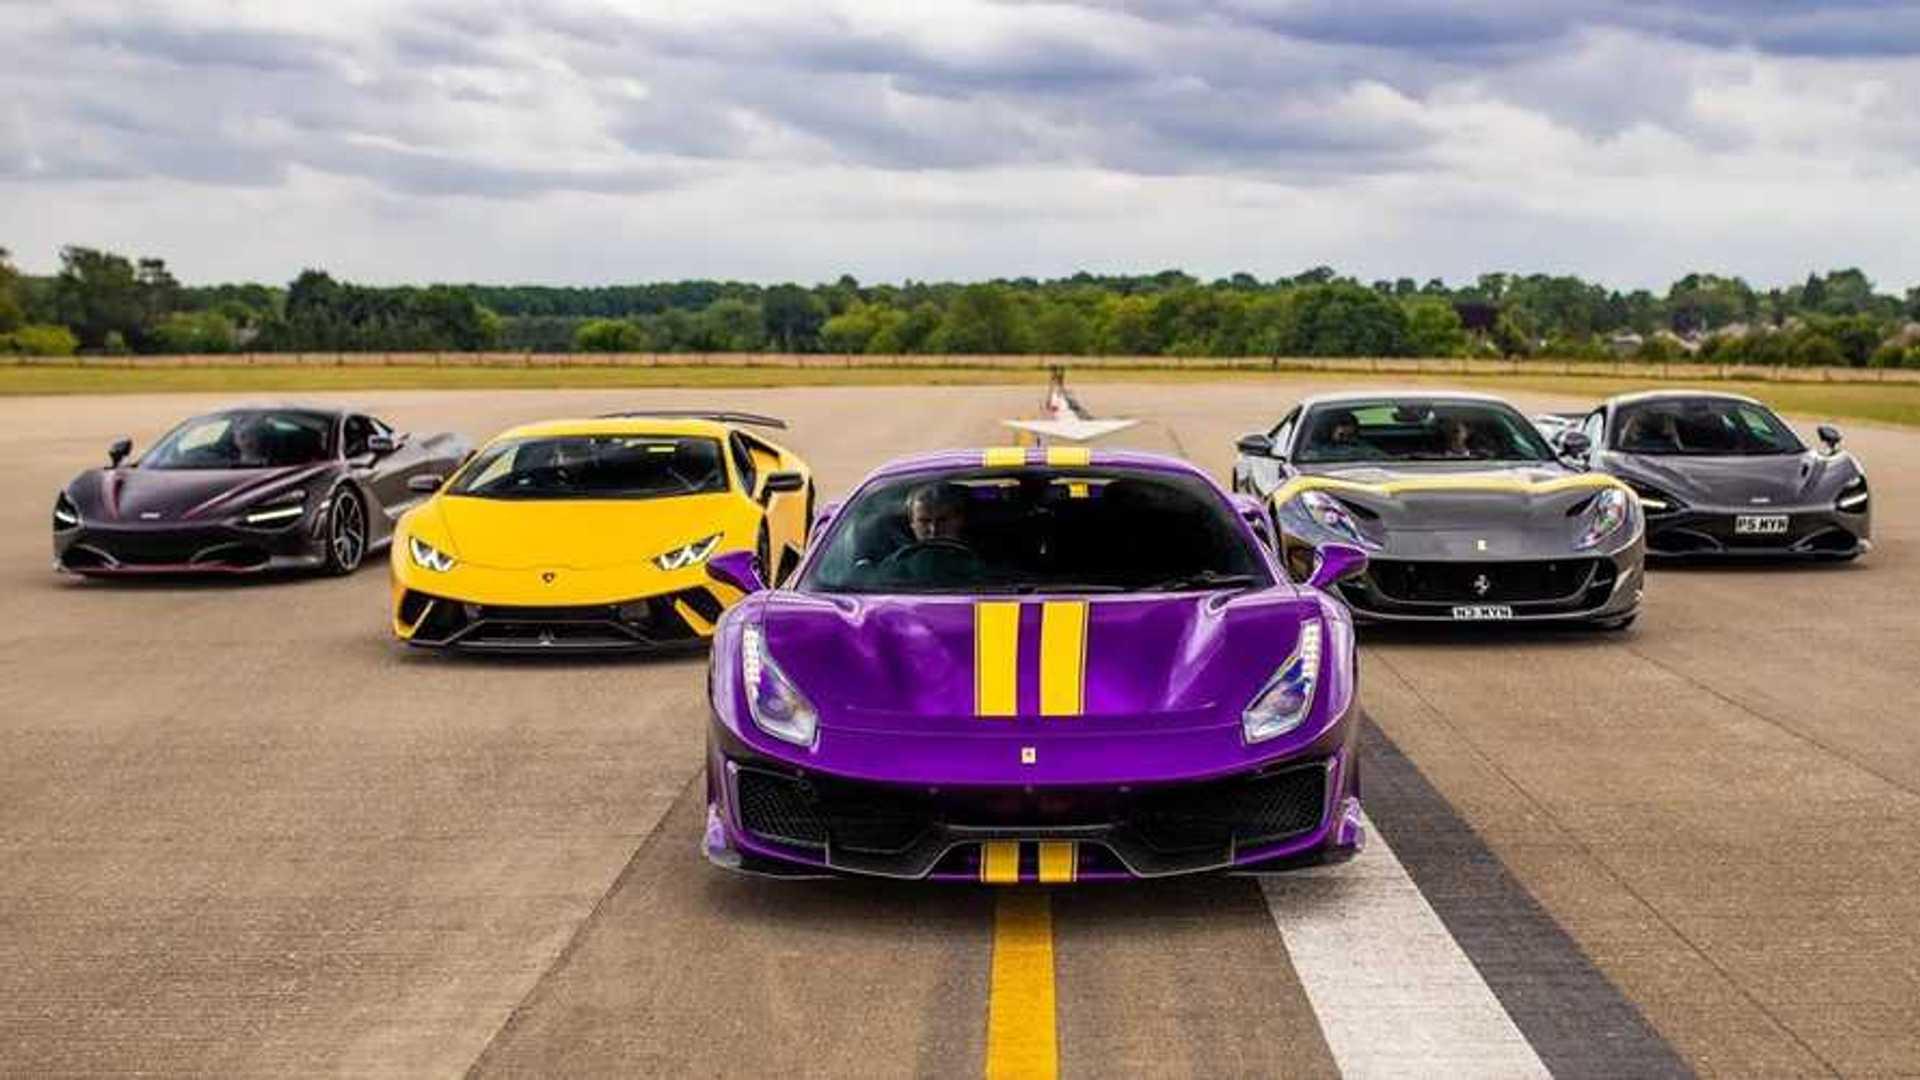 Videó: Hatalmas csata McLarenekkel, Ferrarikkal, Lamborghinivel